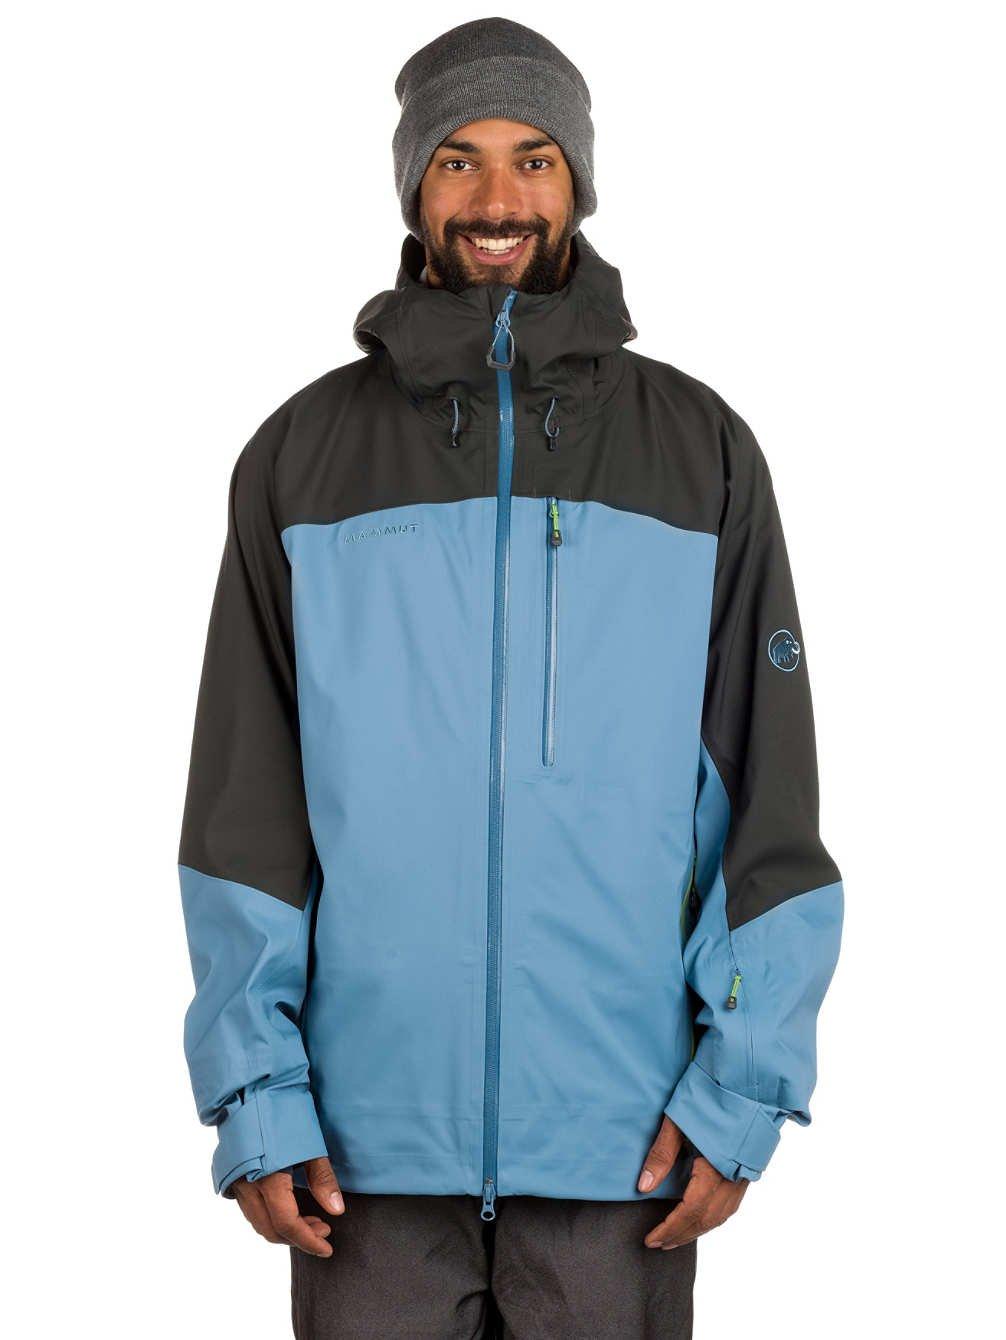 [マムート] Alvier Tour HS Hooded Jacket Men アルヴィアー ツアー HS フーデッド ジャケット 5950/cloud-graphite 1010-21620 XL B072C4KHW7